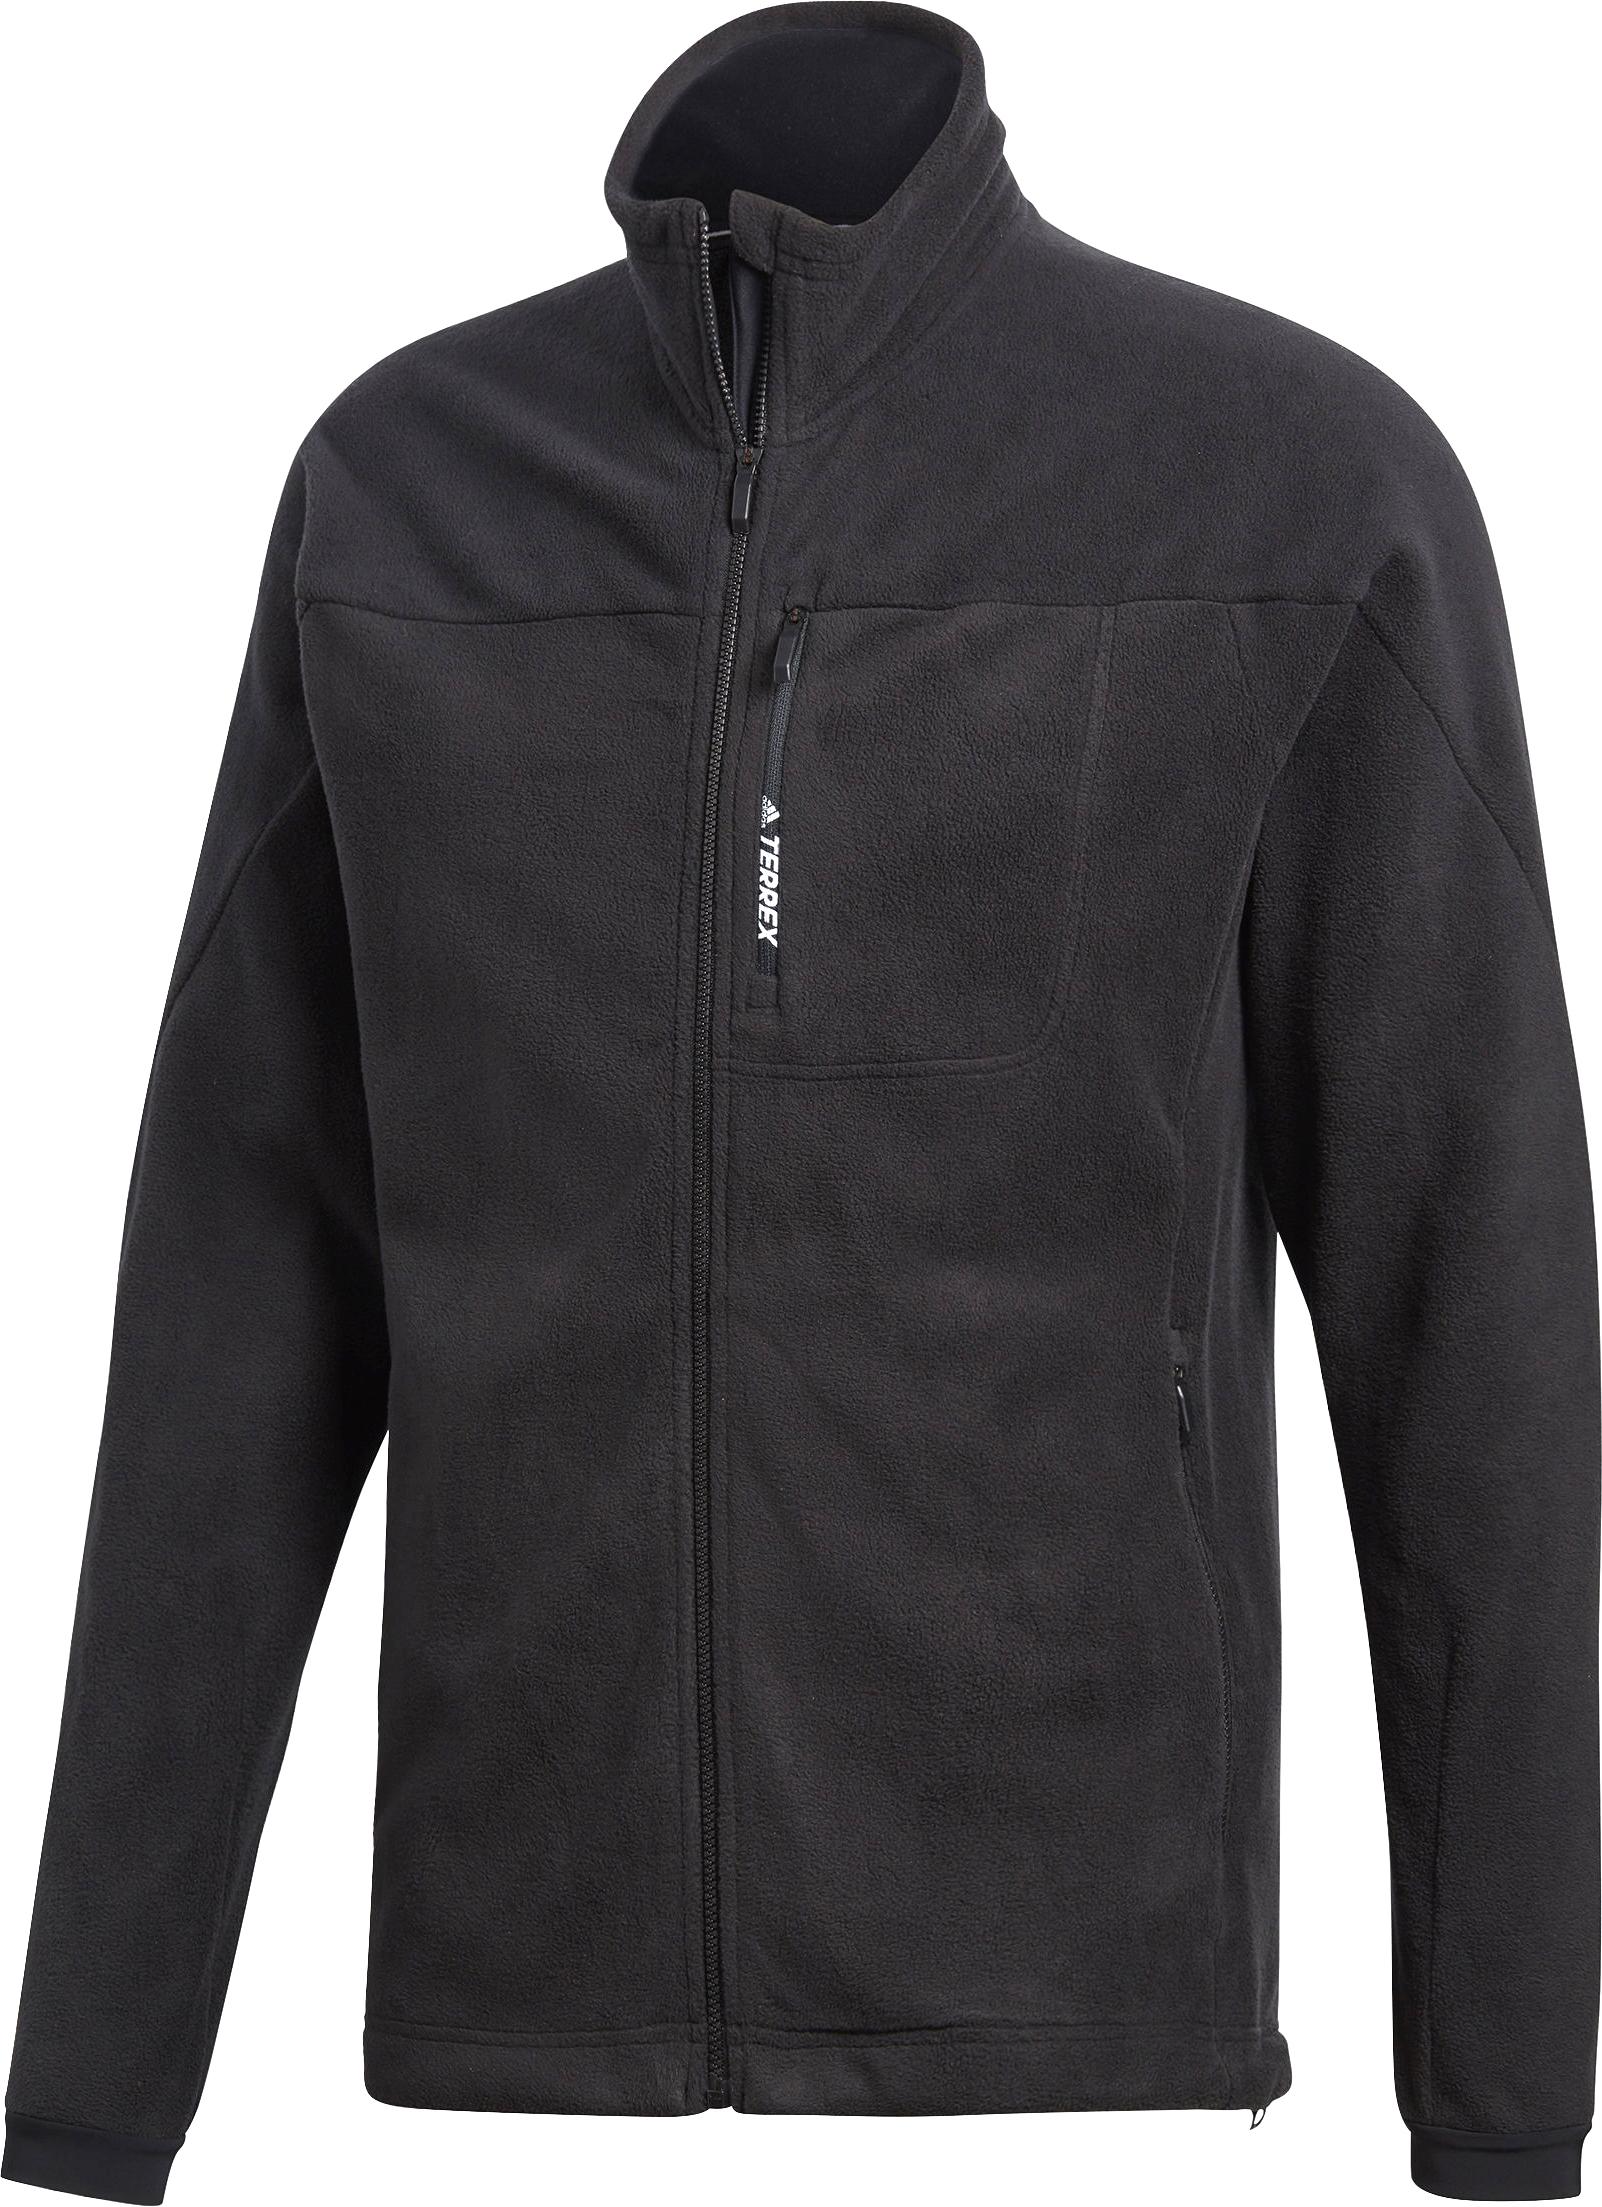 6a068c207e Adidas Outdoor Terrex Tivid Fleece Jacket - Men's